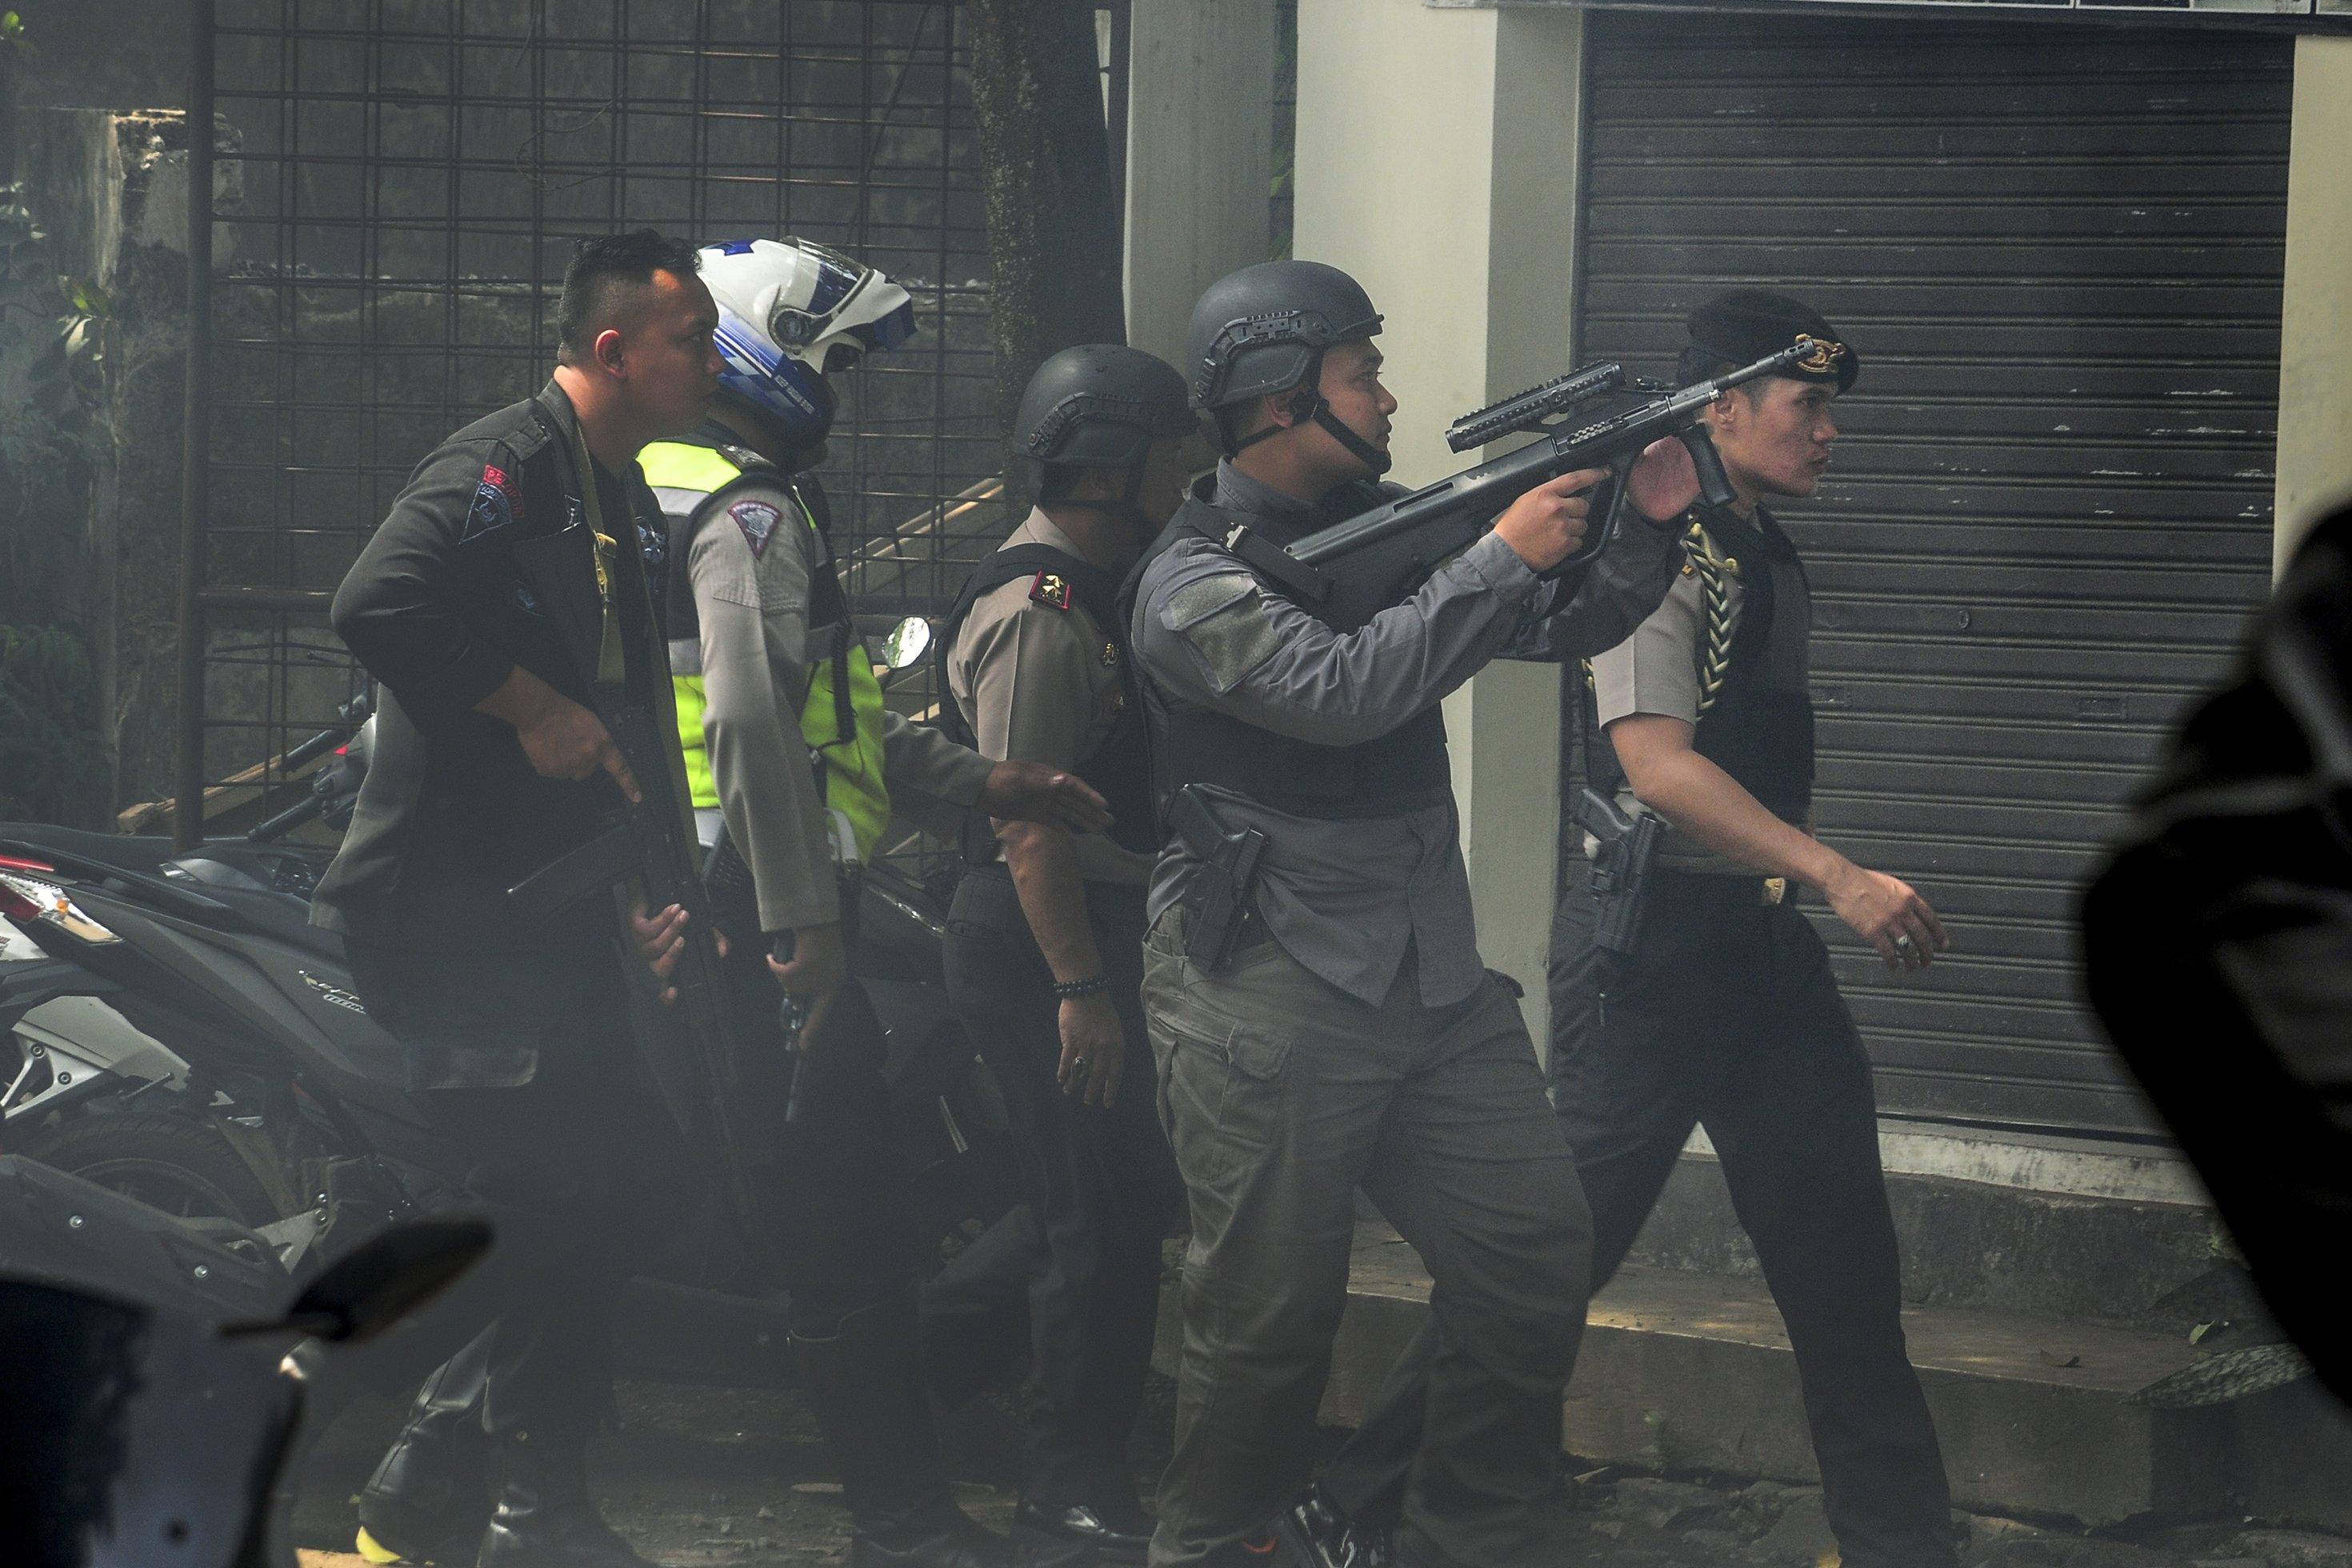 Taman Pandawa merupakan lokasi pertama kali bom diledakkan oleh dua pelaku terduga teroris sebelum diamankan oleh kepolisian di kantor kelurahan Arjuna, Bandung, Jawa Barat, Senin (27/2).